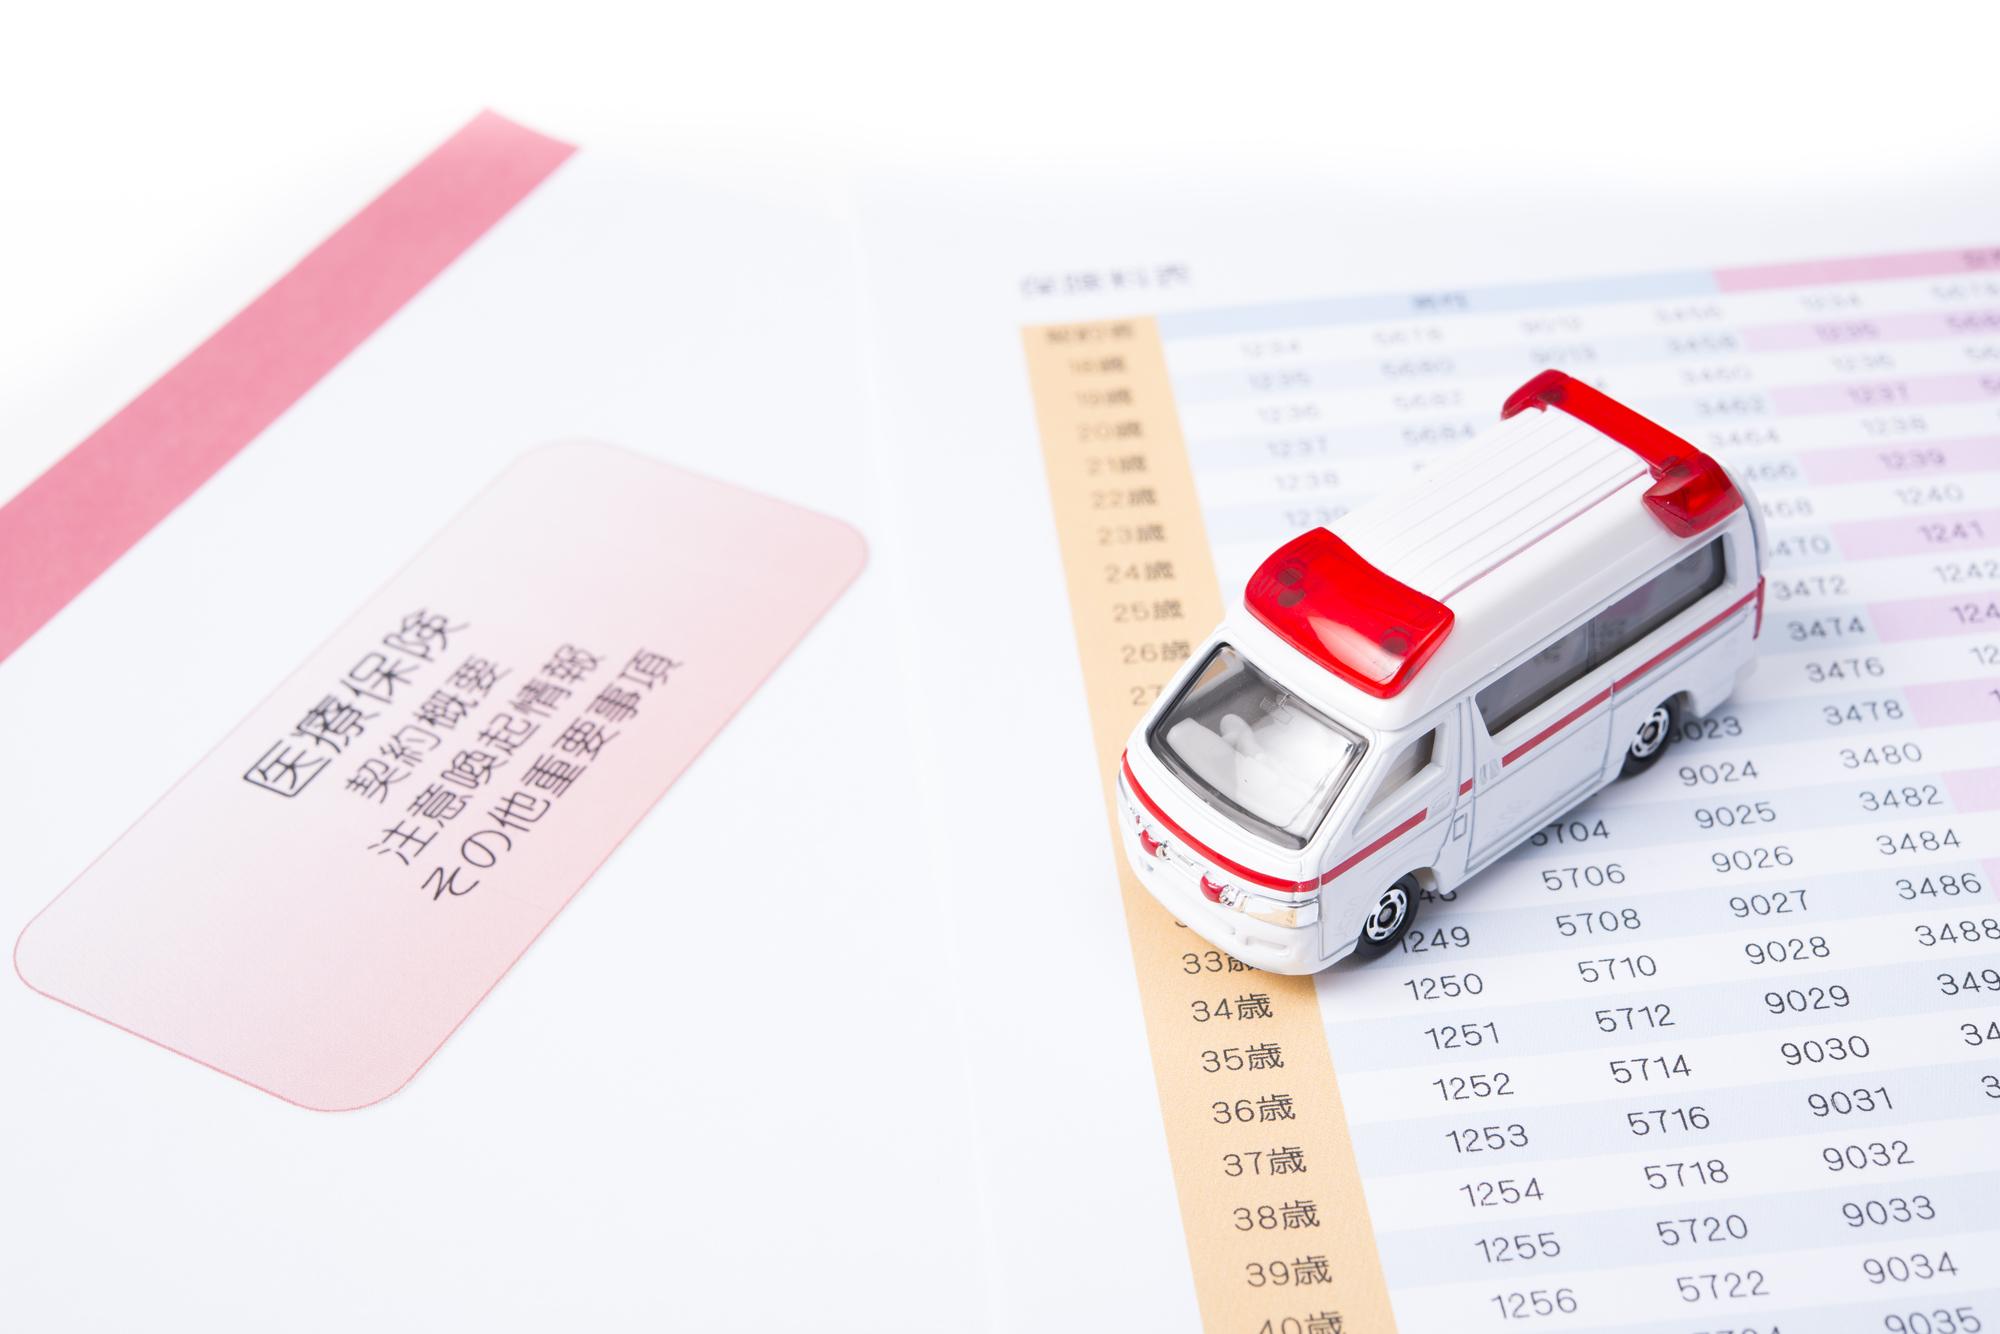 医療保険についての冊子と救急車のおもちゃのミニカー